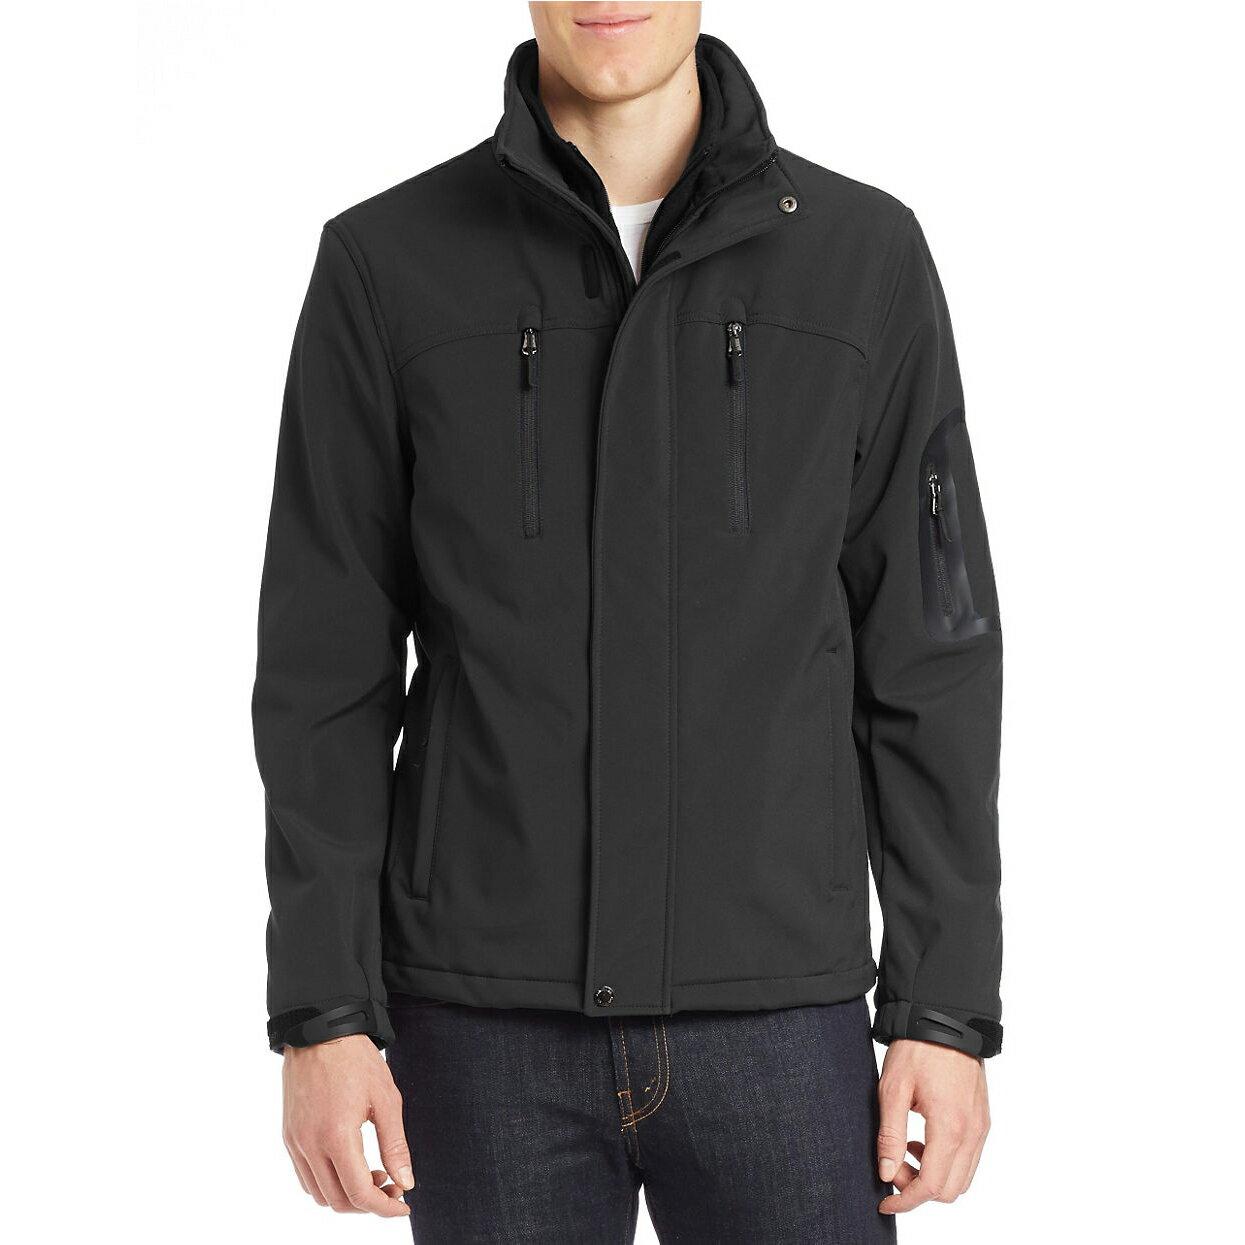 美國百分百【Calvin Klein】外套 CK 夾克 防風 防潑水 透氣 保暖 立領 軟殼 黑色 S M號 F726